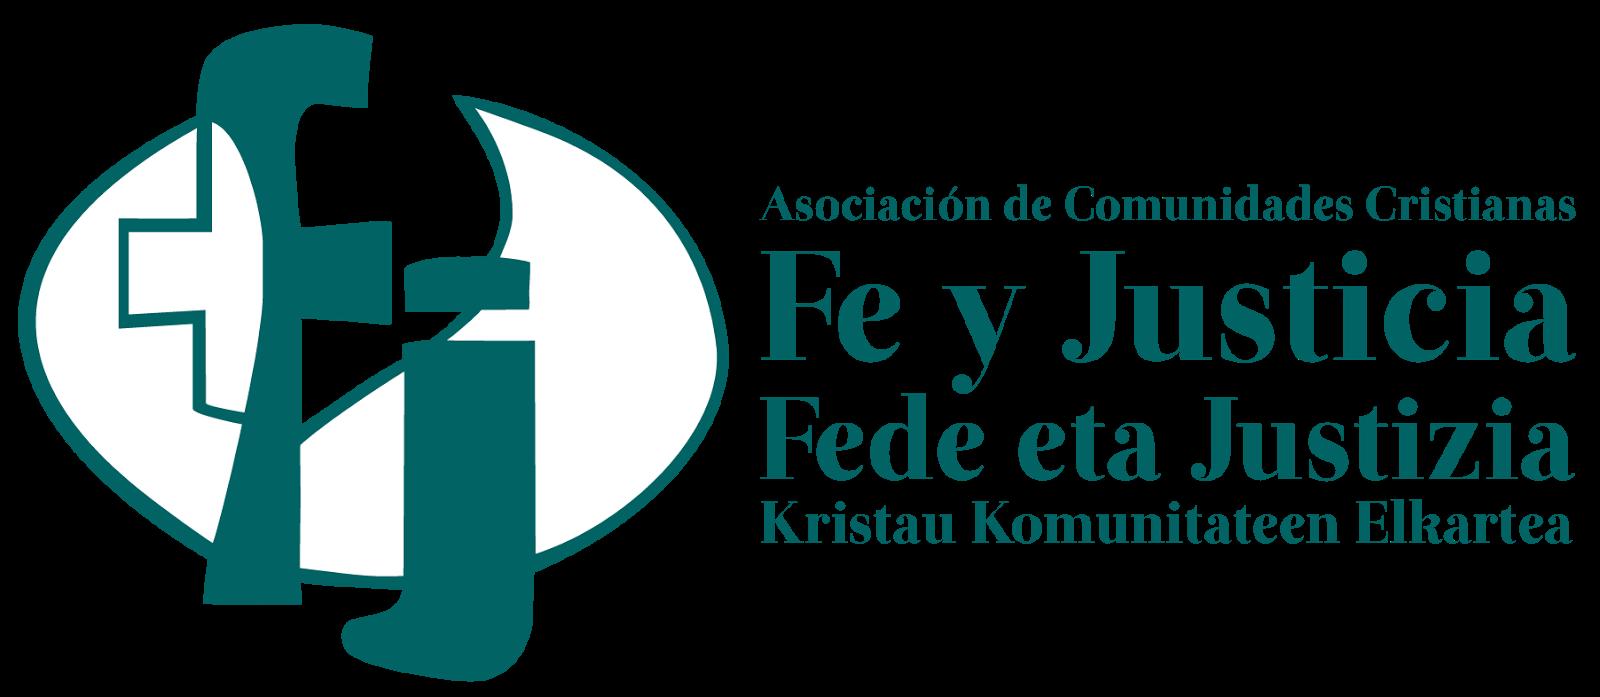 FE Y JUSTICIA - FEDE ETA JUSTIZIA